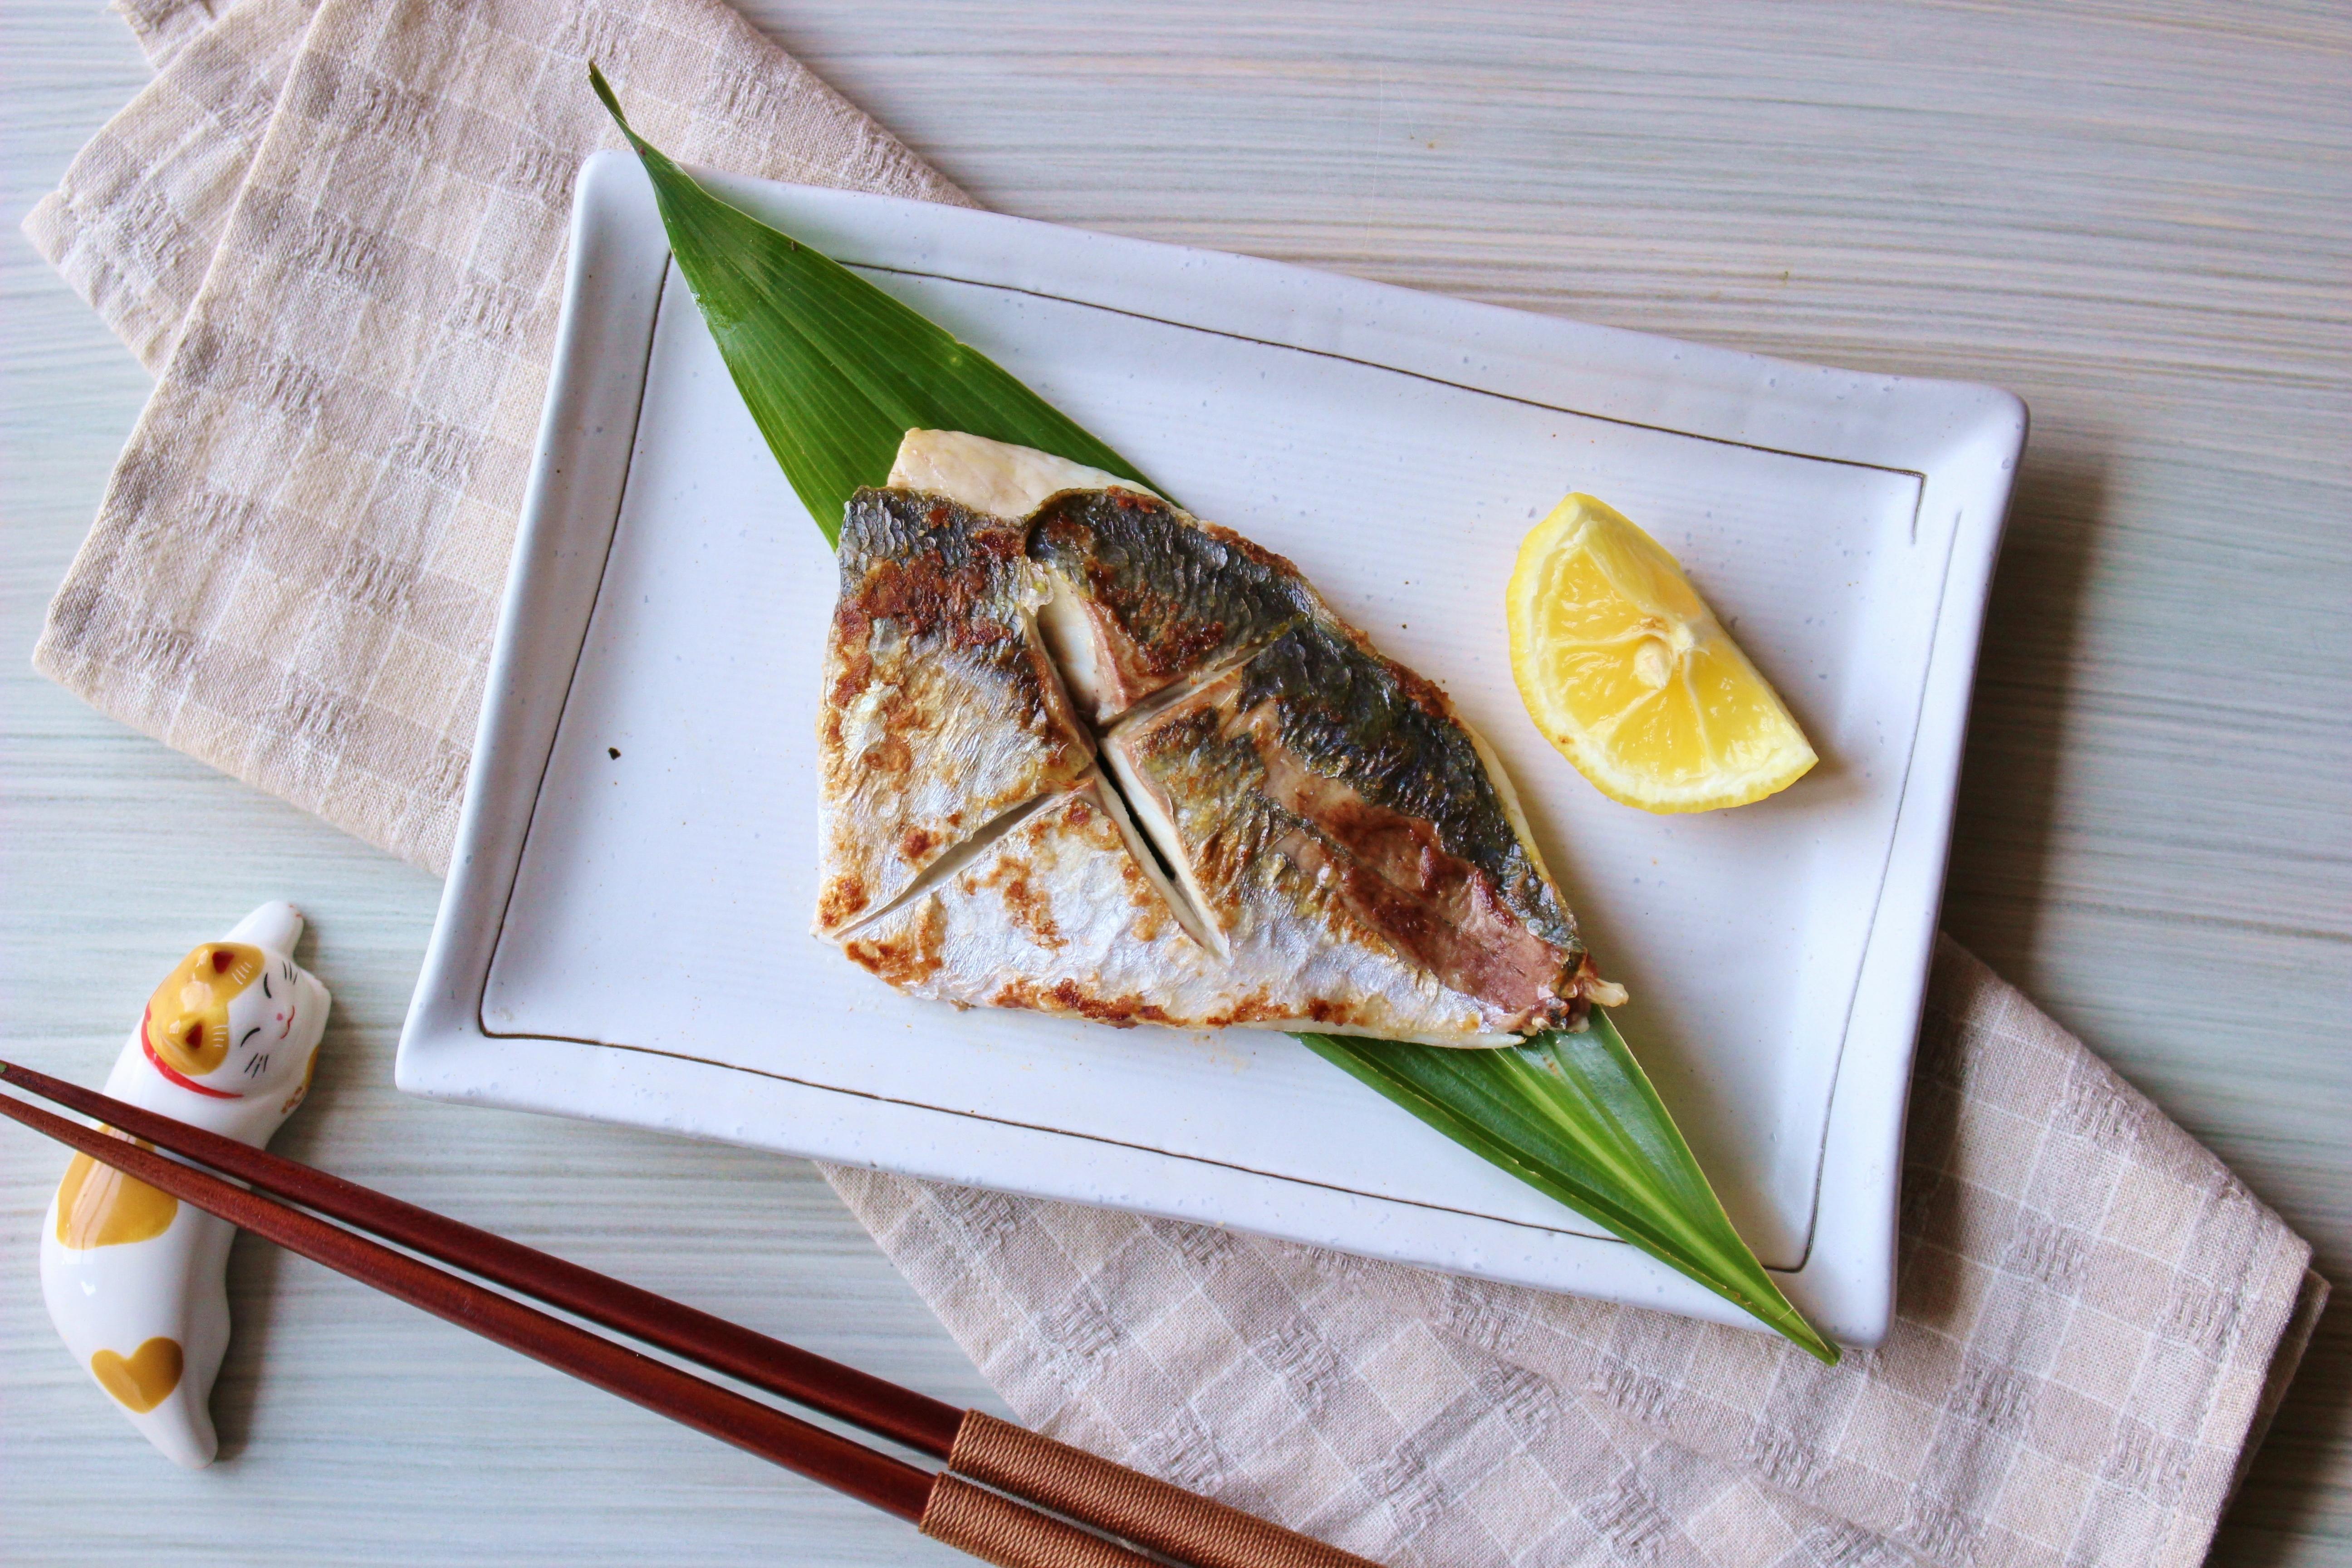 フライパンで作れる「驚きの料理3選」 焼き魚からパスタまで!